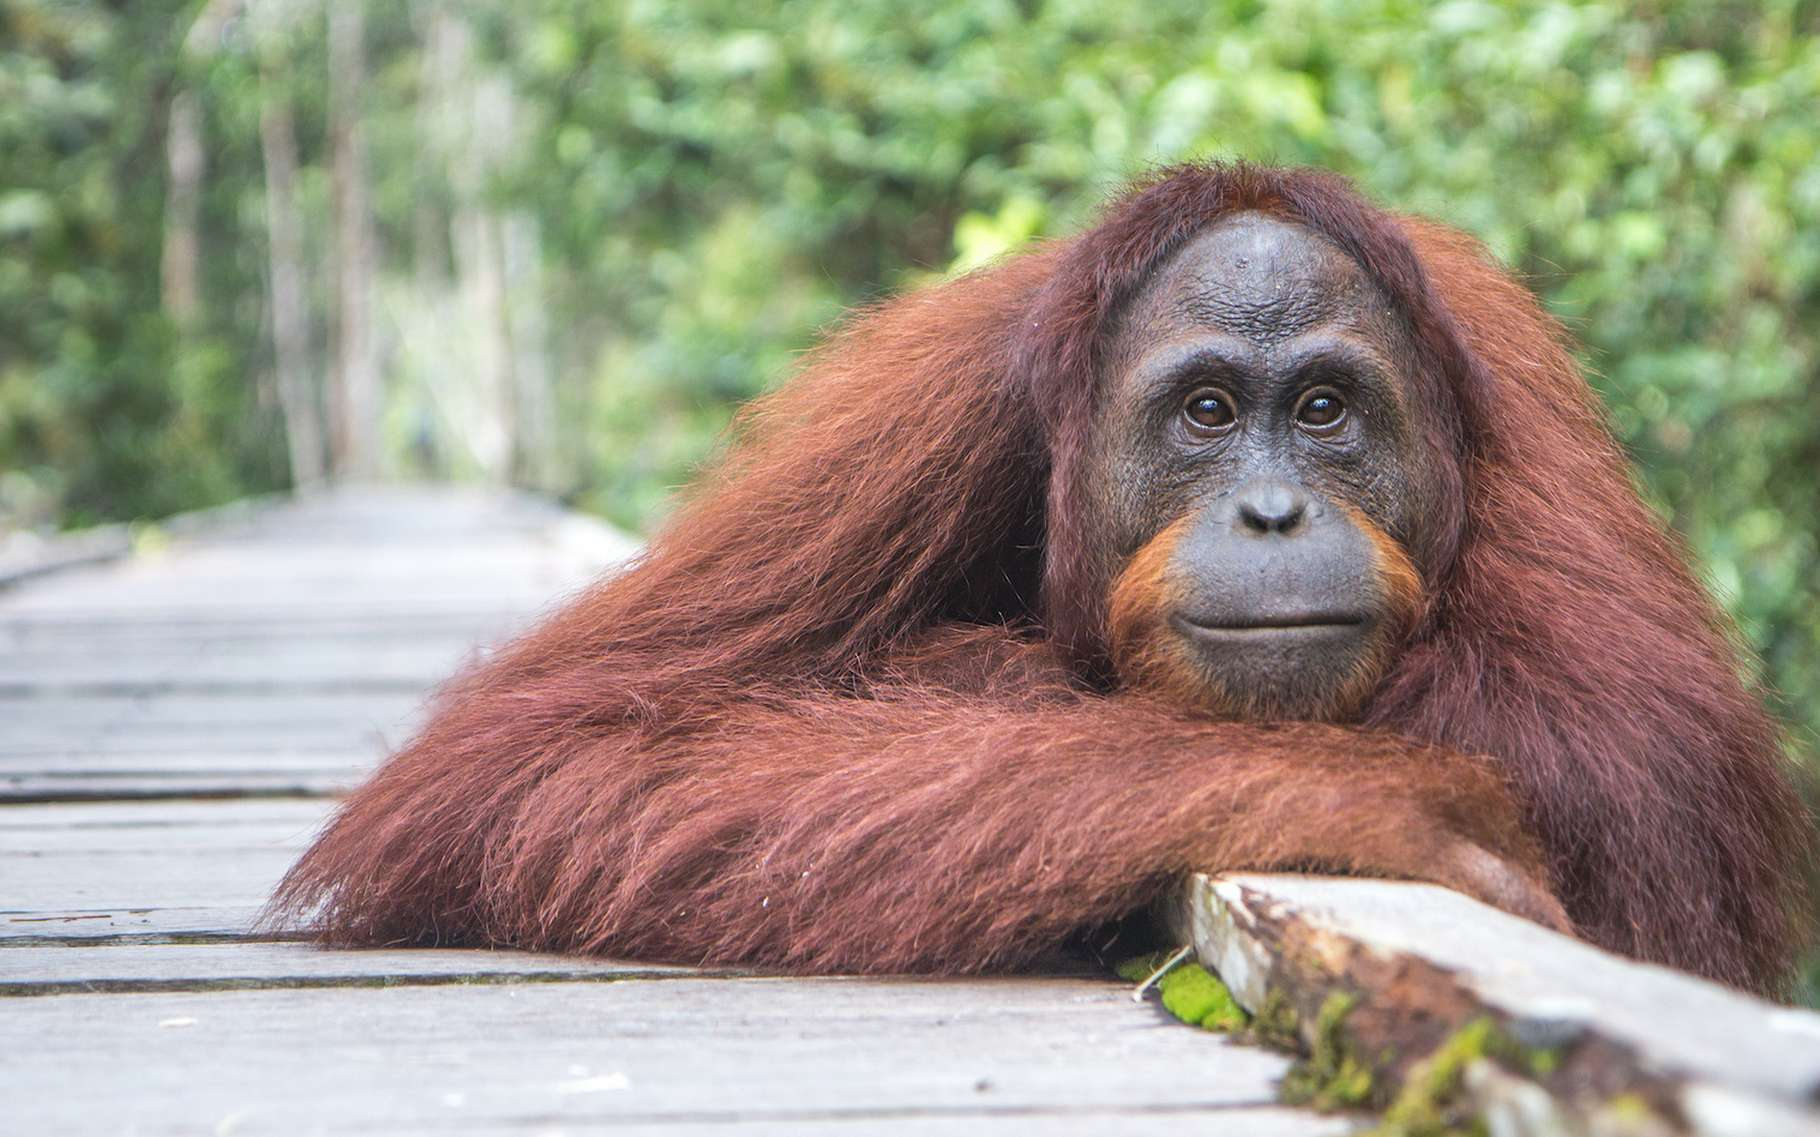 Sur l'île de Bornéo, au cœur du royaume des orangs-outans, des chercheurs ont retrouvé un oiseau qu'ils pensaient éteint depuis quelque 170 ans. © Kertu, Adobe Stock